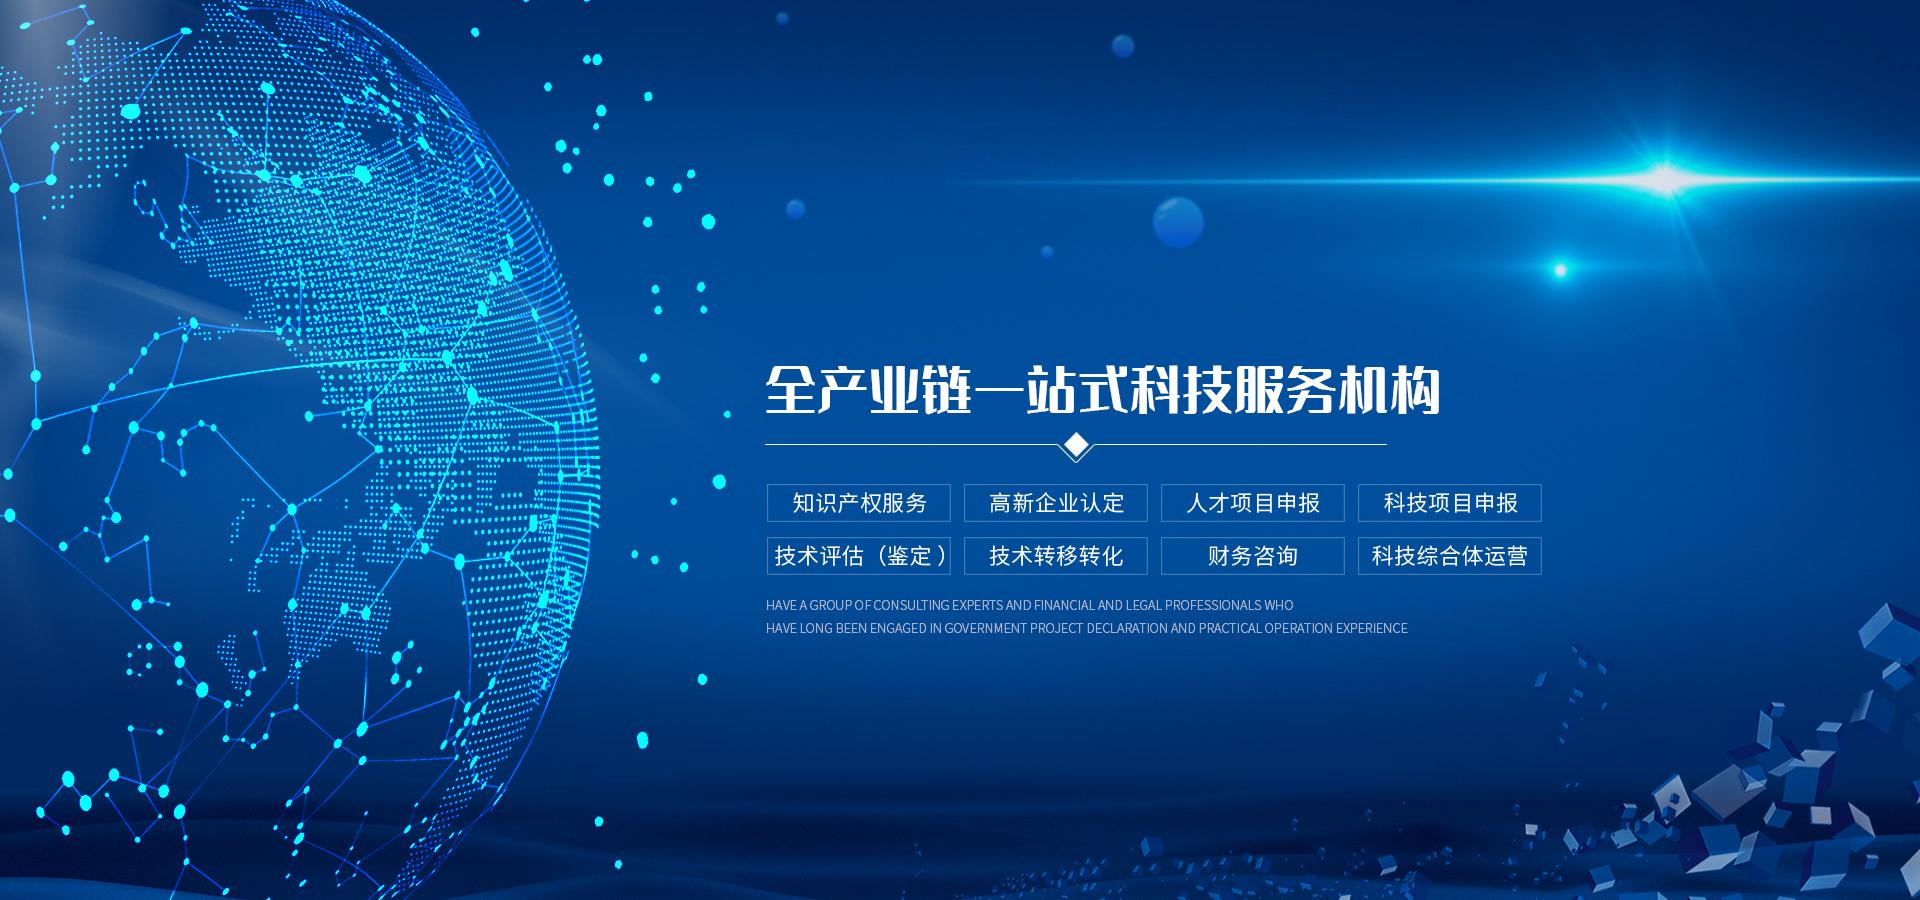 全产业链一站式科技服务机构